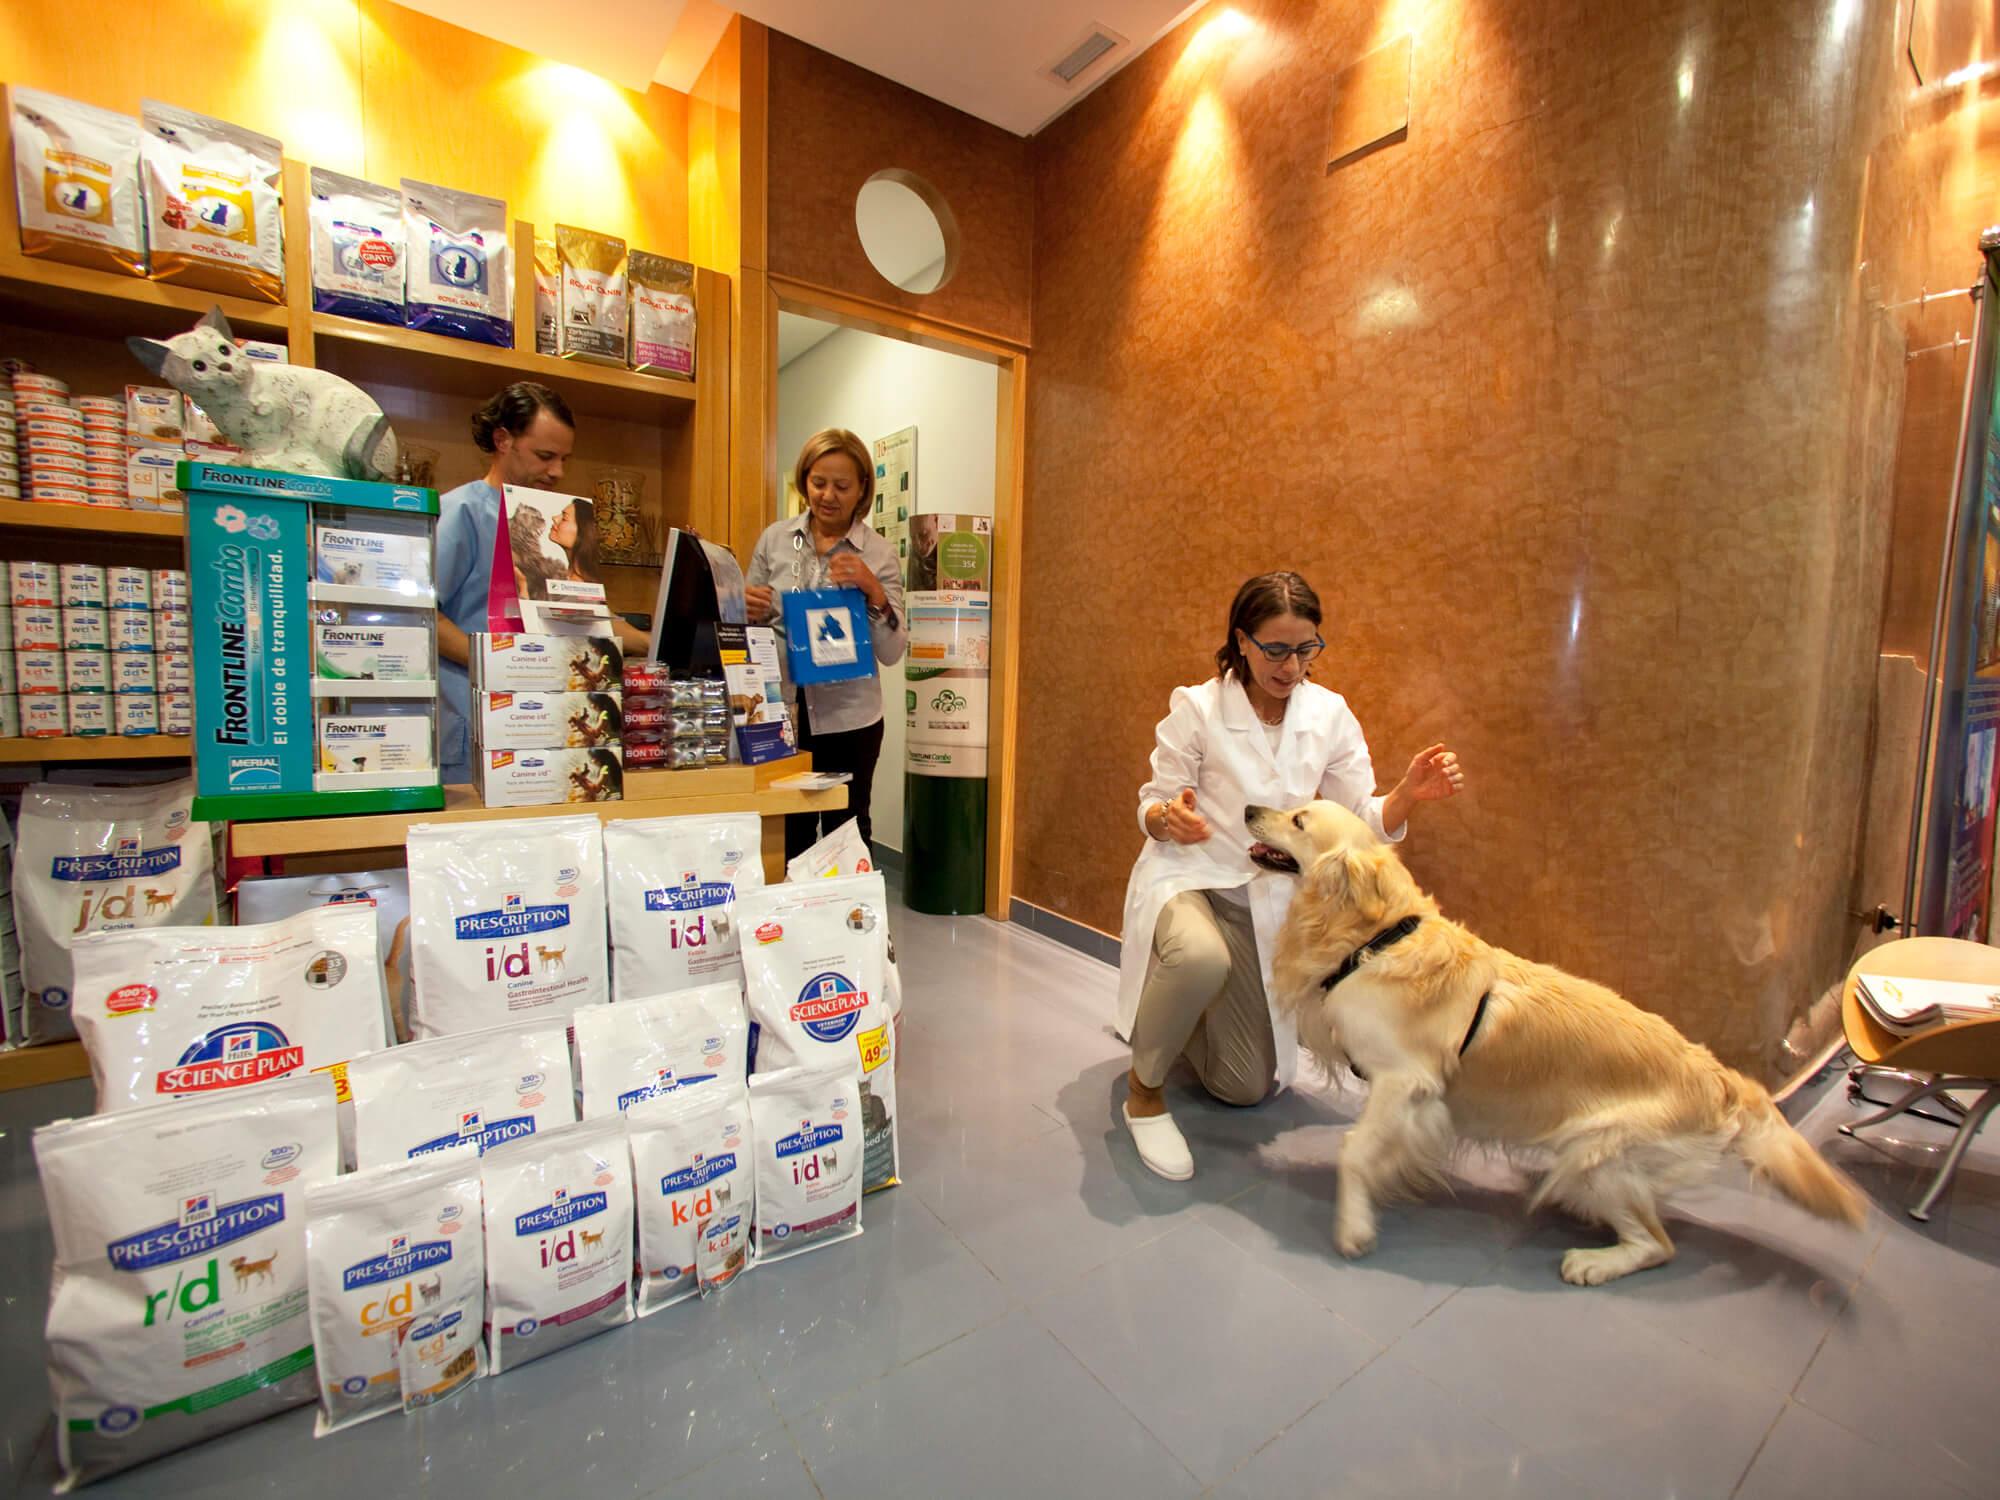 tienda especilaizada veterinaria